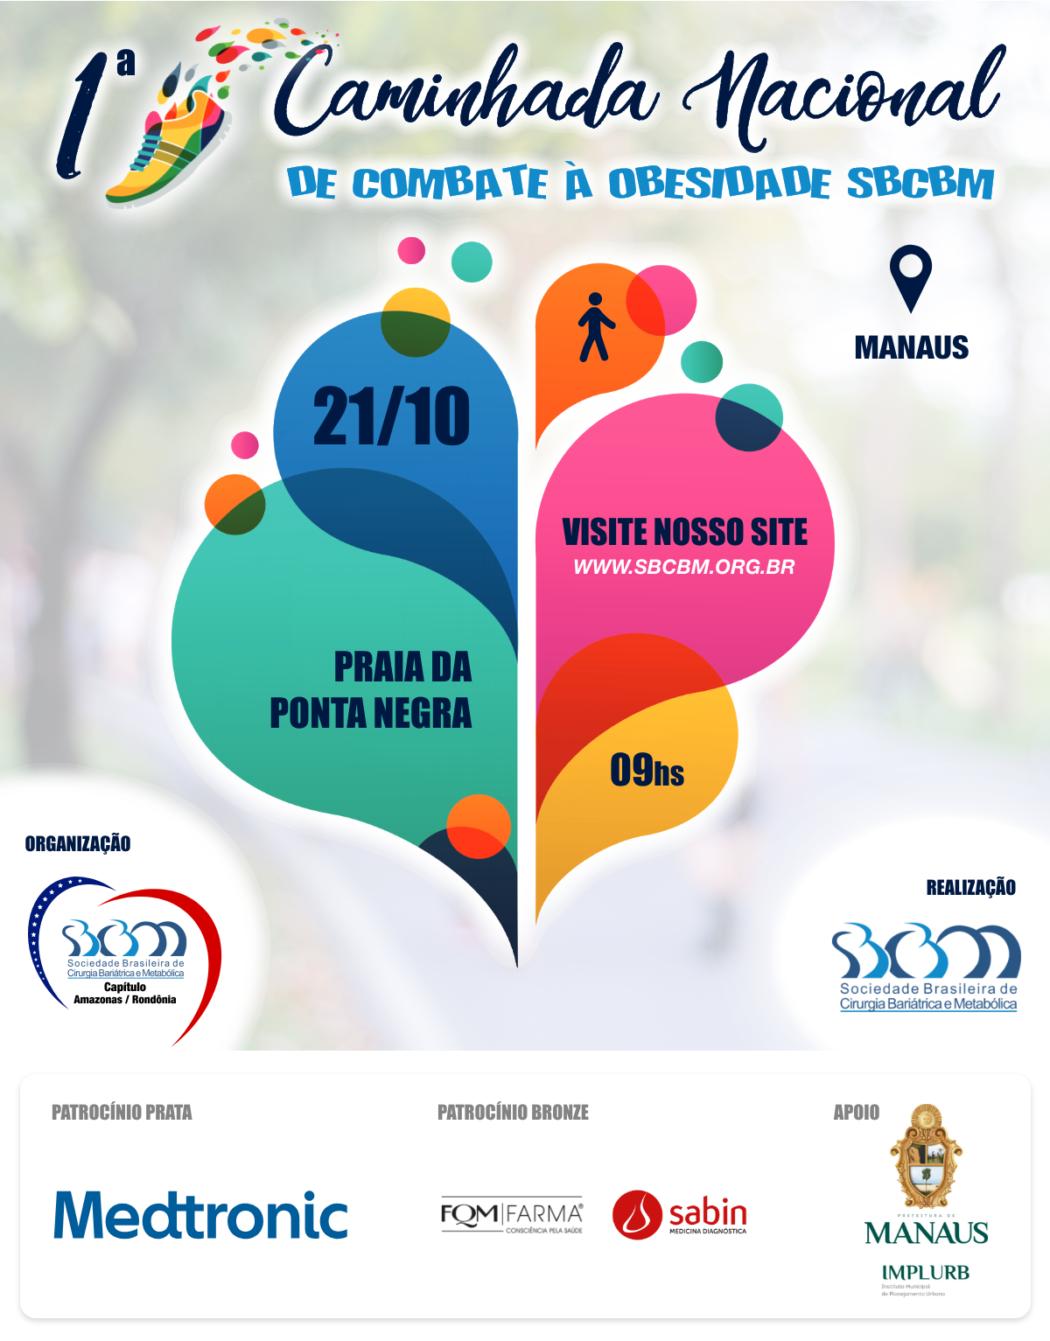 Praia da Ponta Negra recebe 1ª Caminhada Nacional de Combate à Obesidade